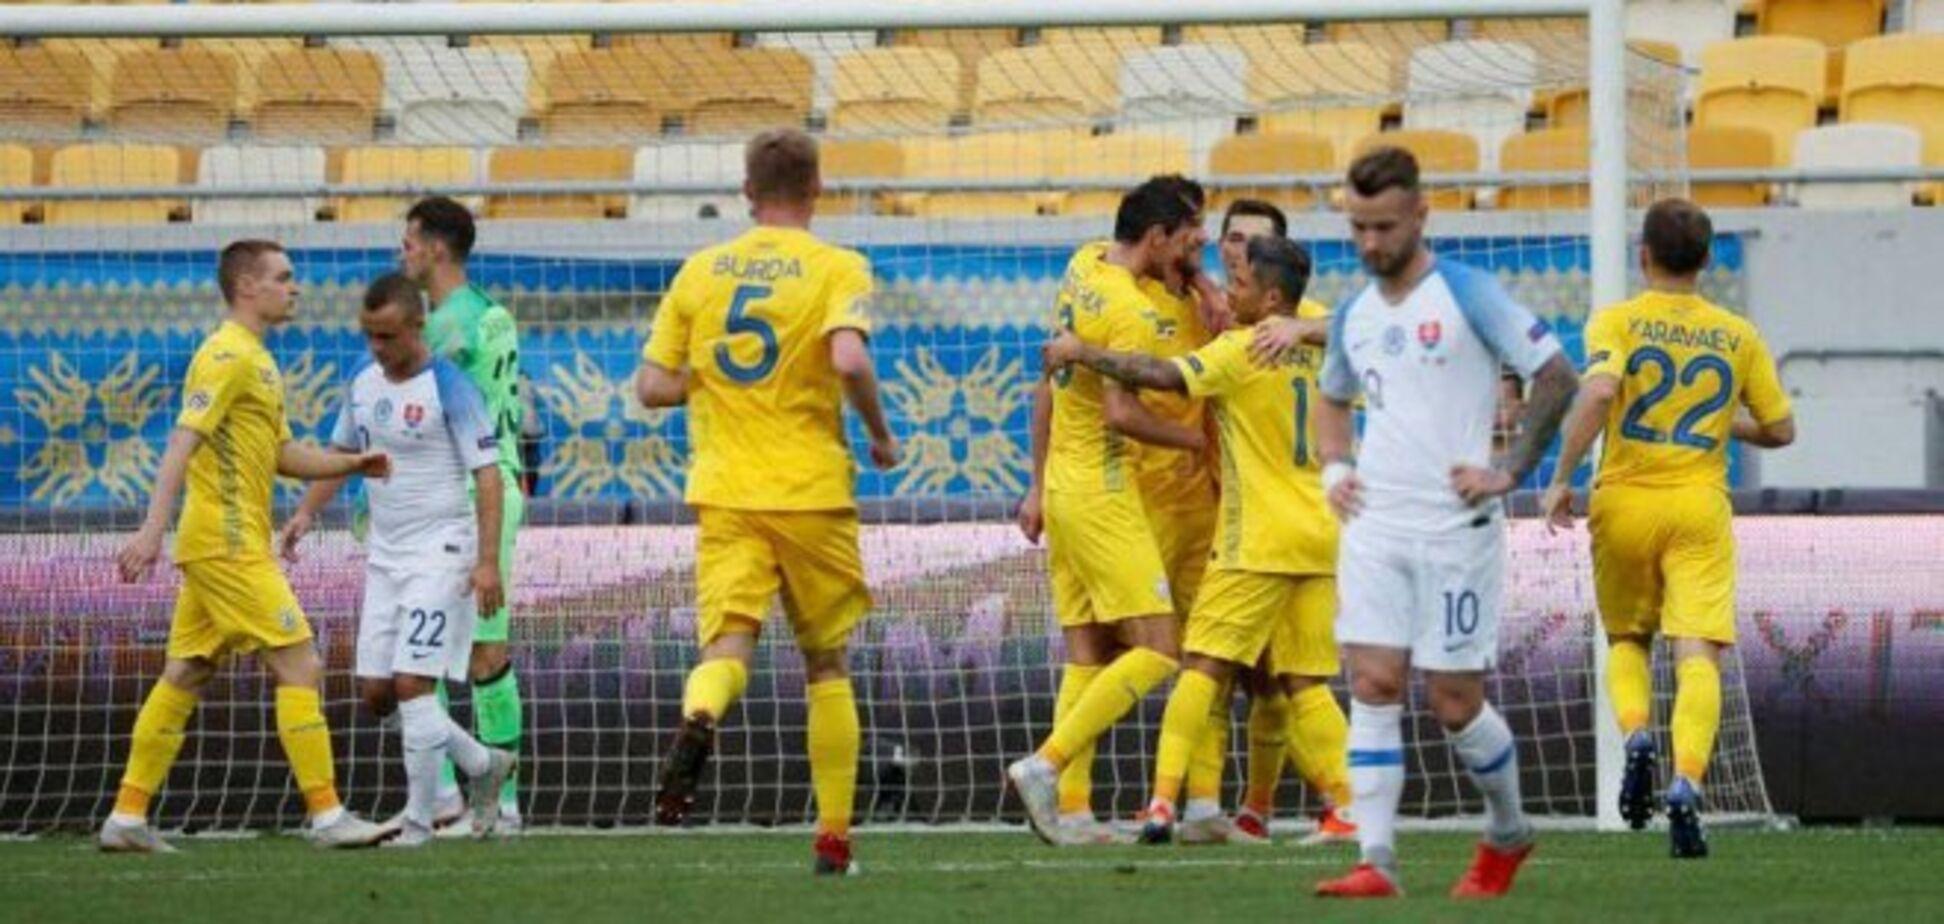 Украина - Сербия: где смотреть онлайн отбор Евро-2020 - расписание трансляций